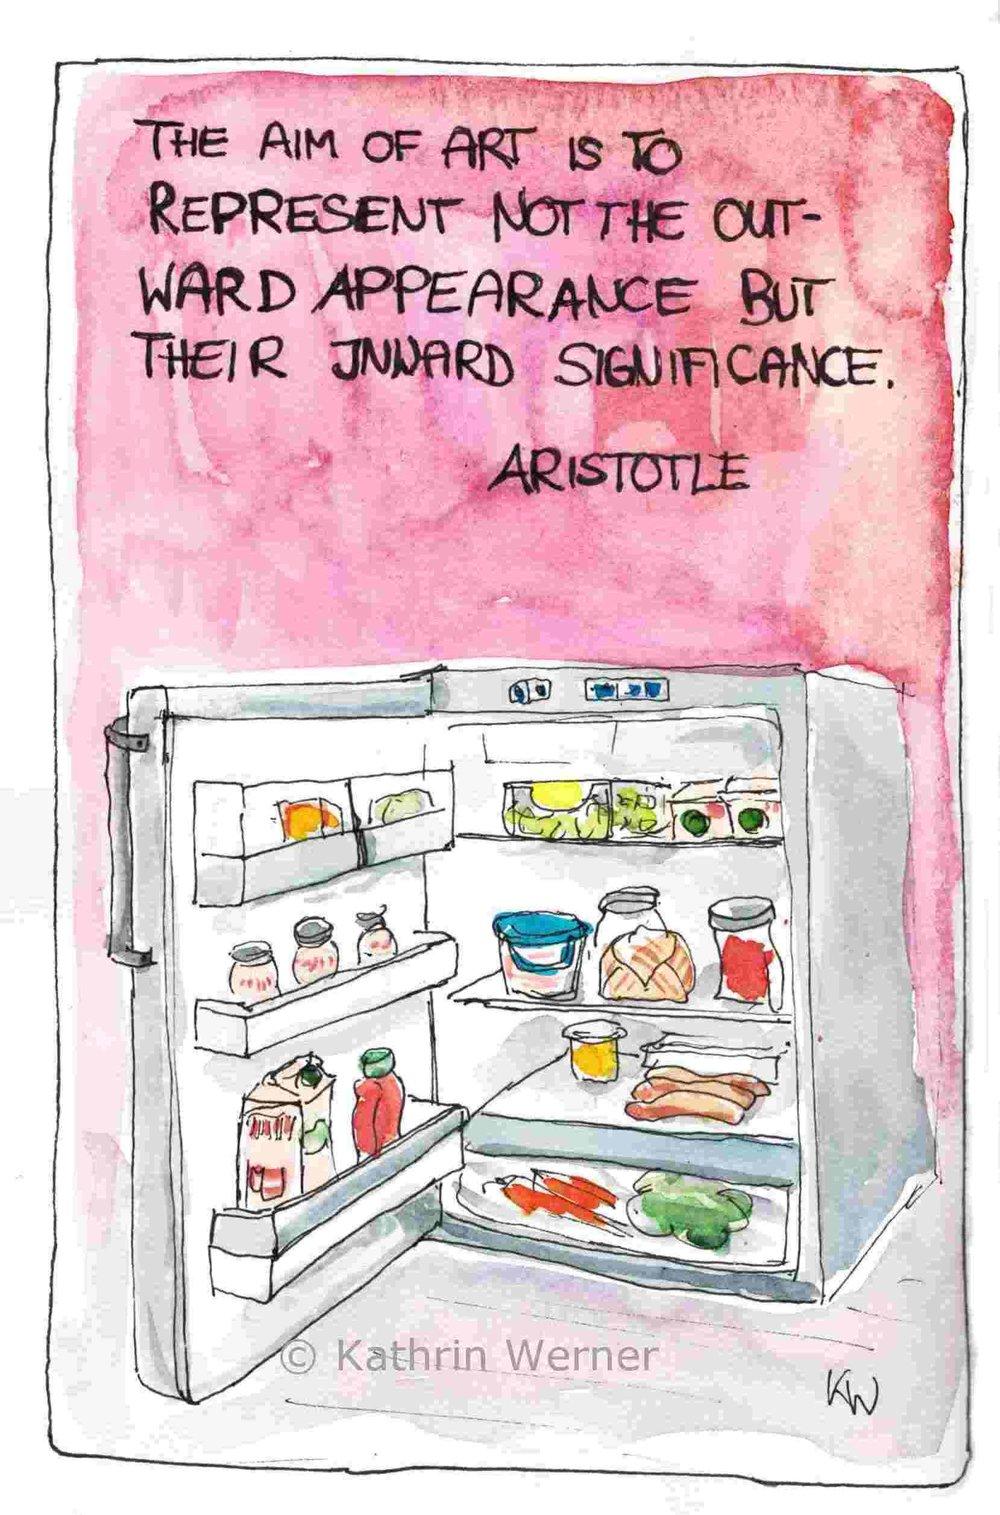 """Aristotle is right: It is important what is IN the fridge. Deutsch: Aristoteles: """"Das Ansinnen der Kunst ist, nicht das äußere Erscheinungsbild sondern die innere Bedeutung zu zeigen."""" Wie beim Kühlschrank: was drinnen ist, zählt..."""